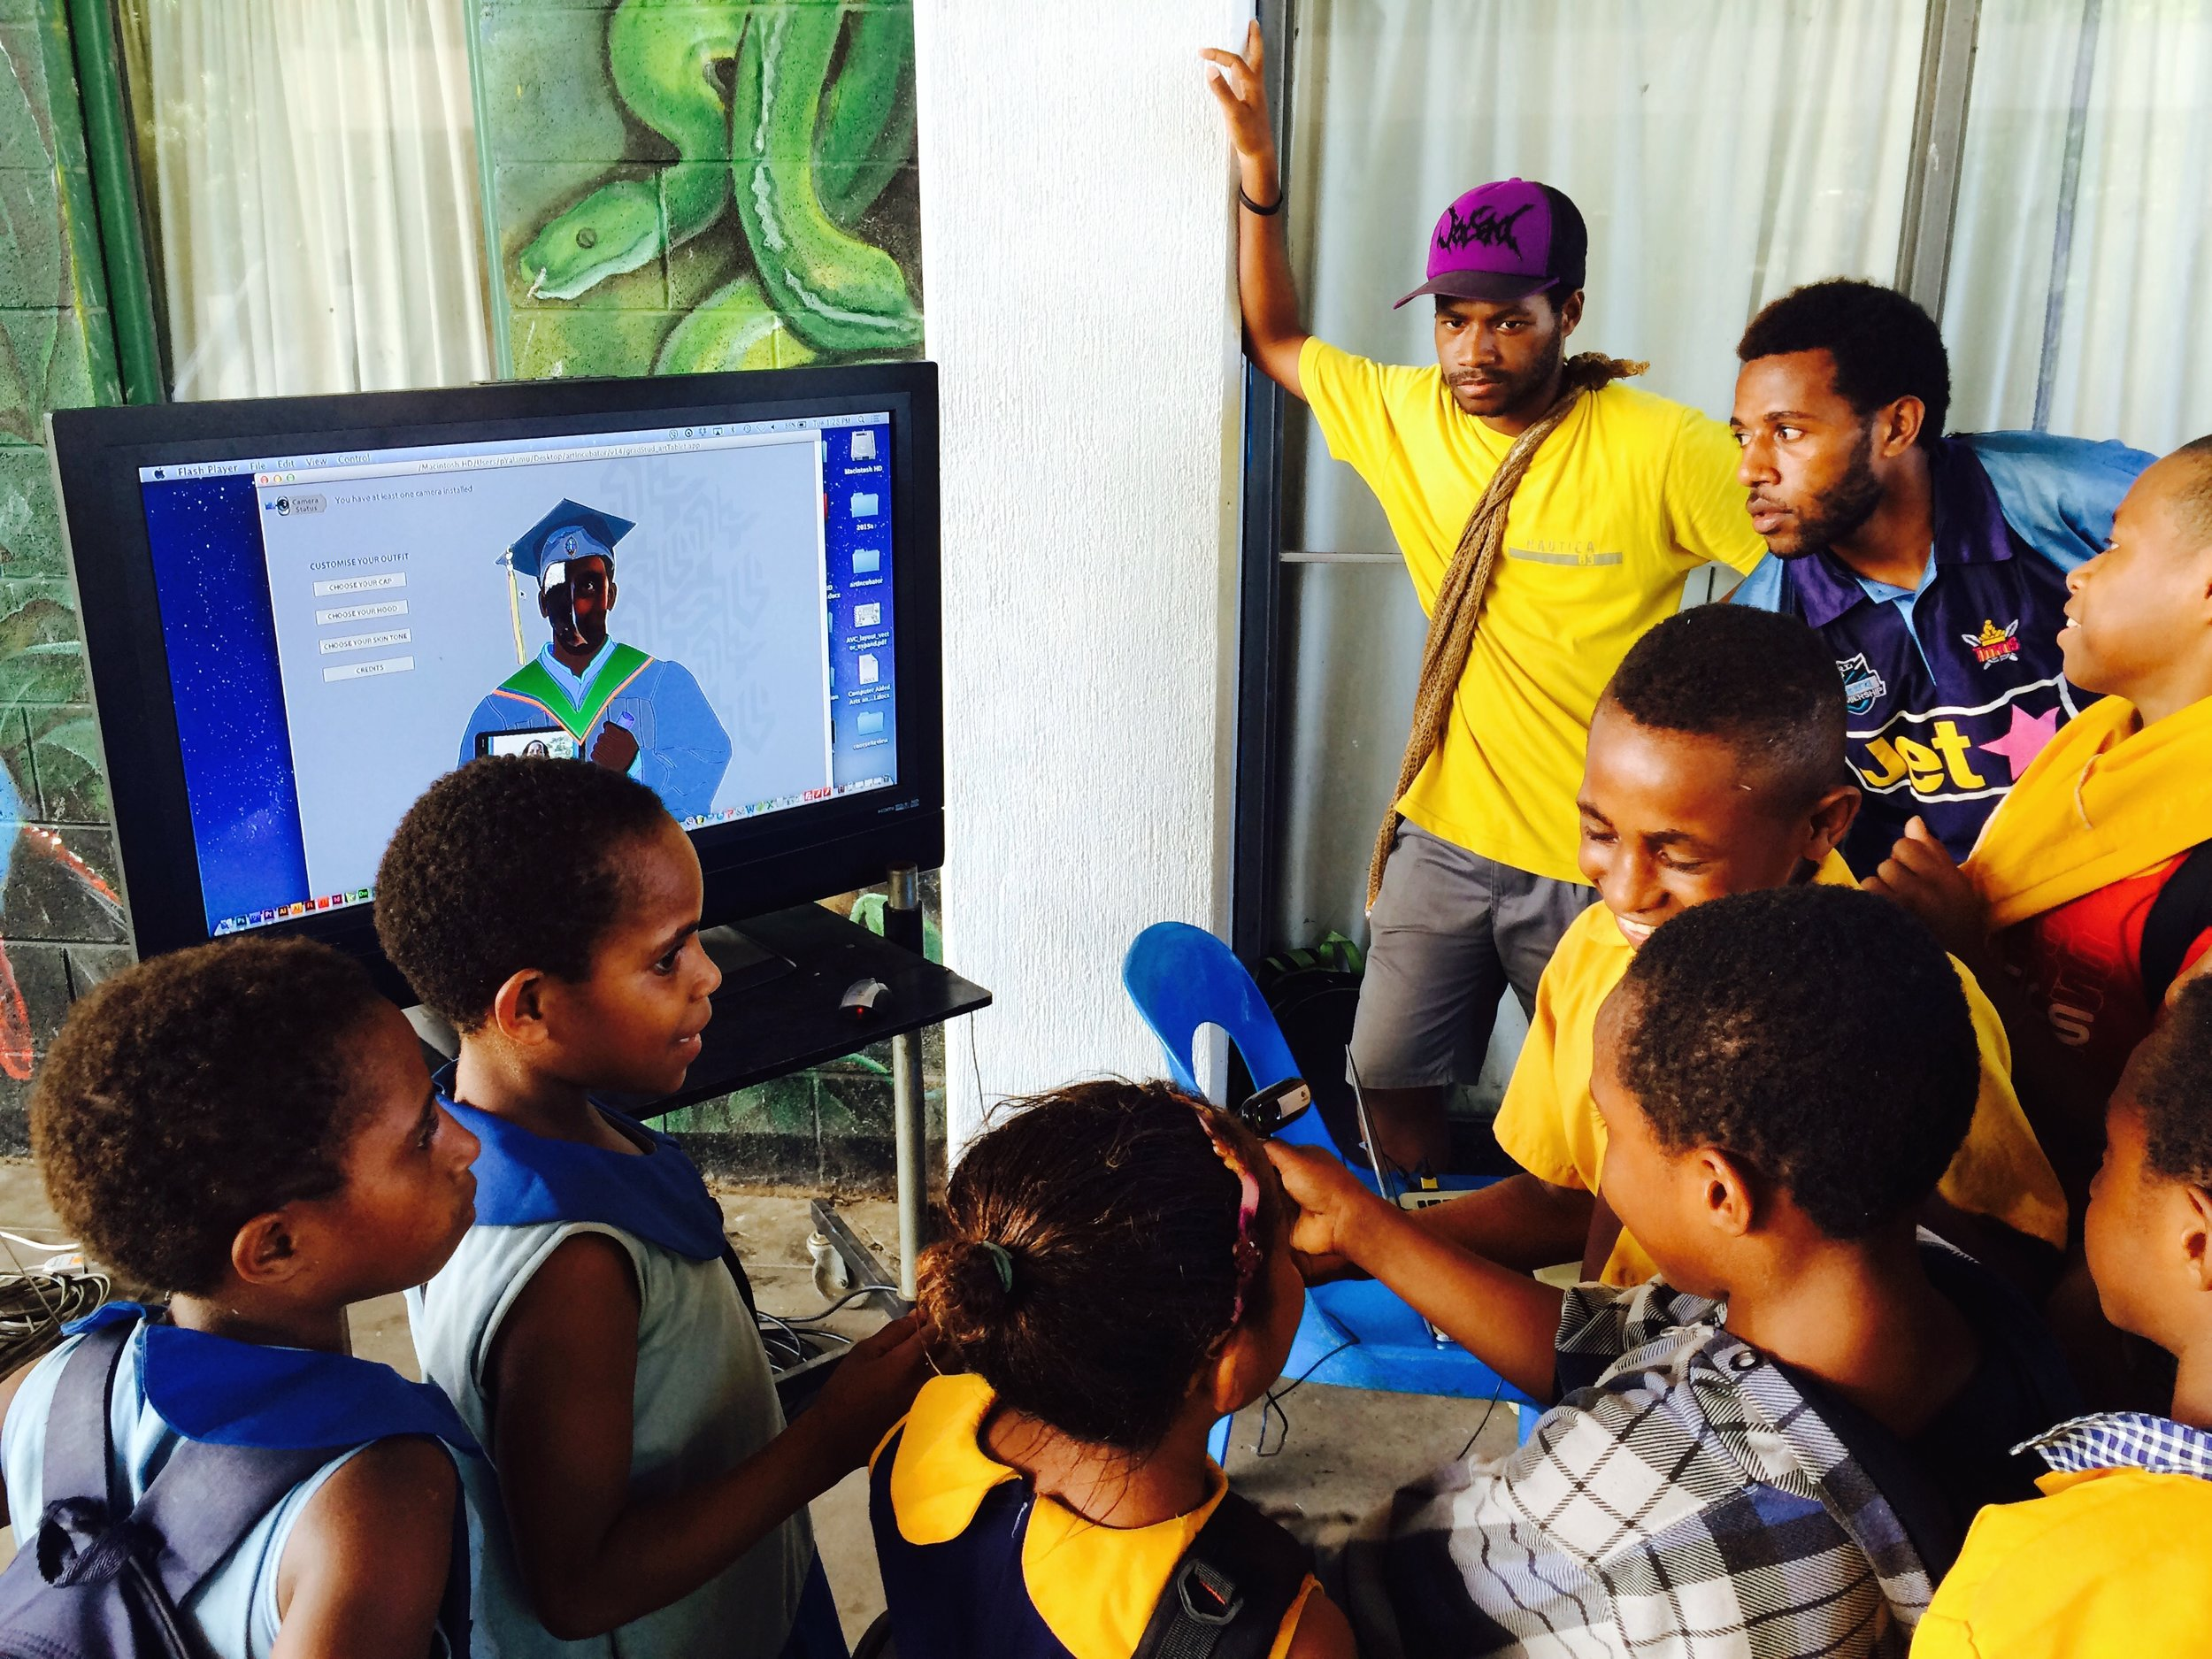 AAI - Port Moresby, Papua New Guinea